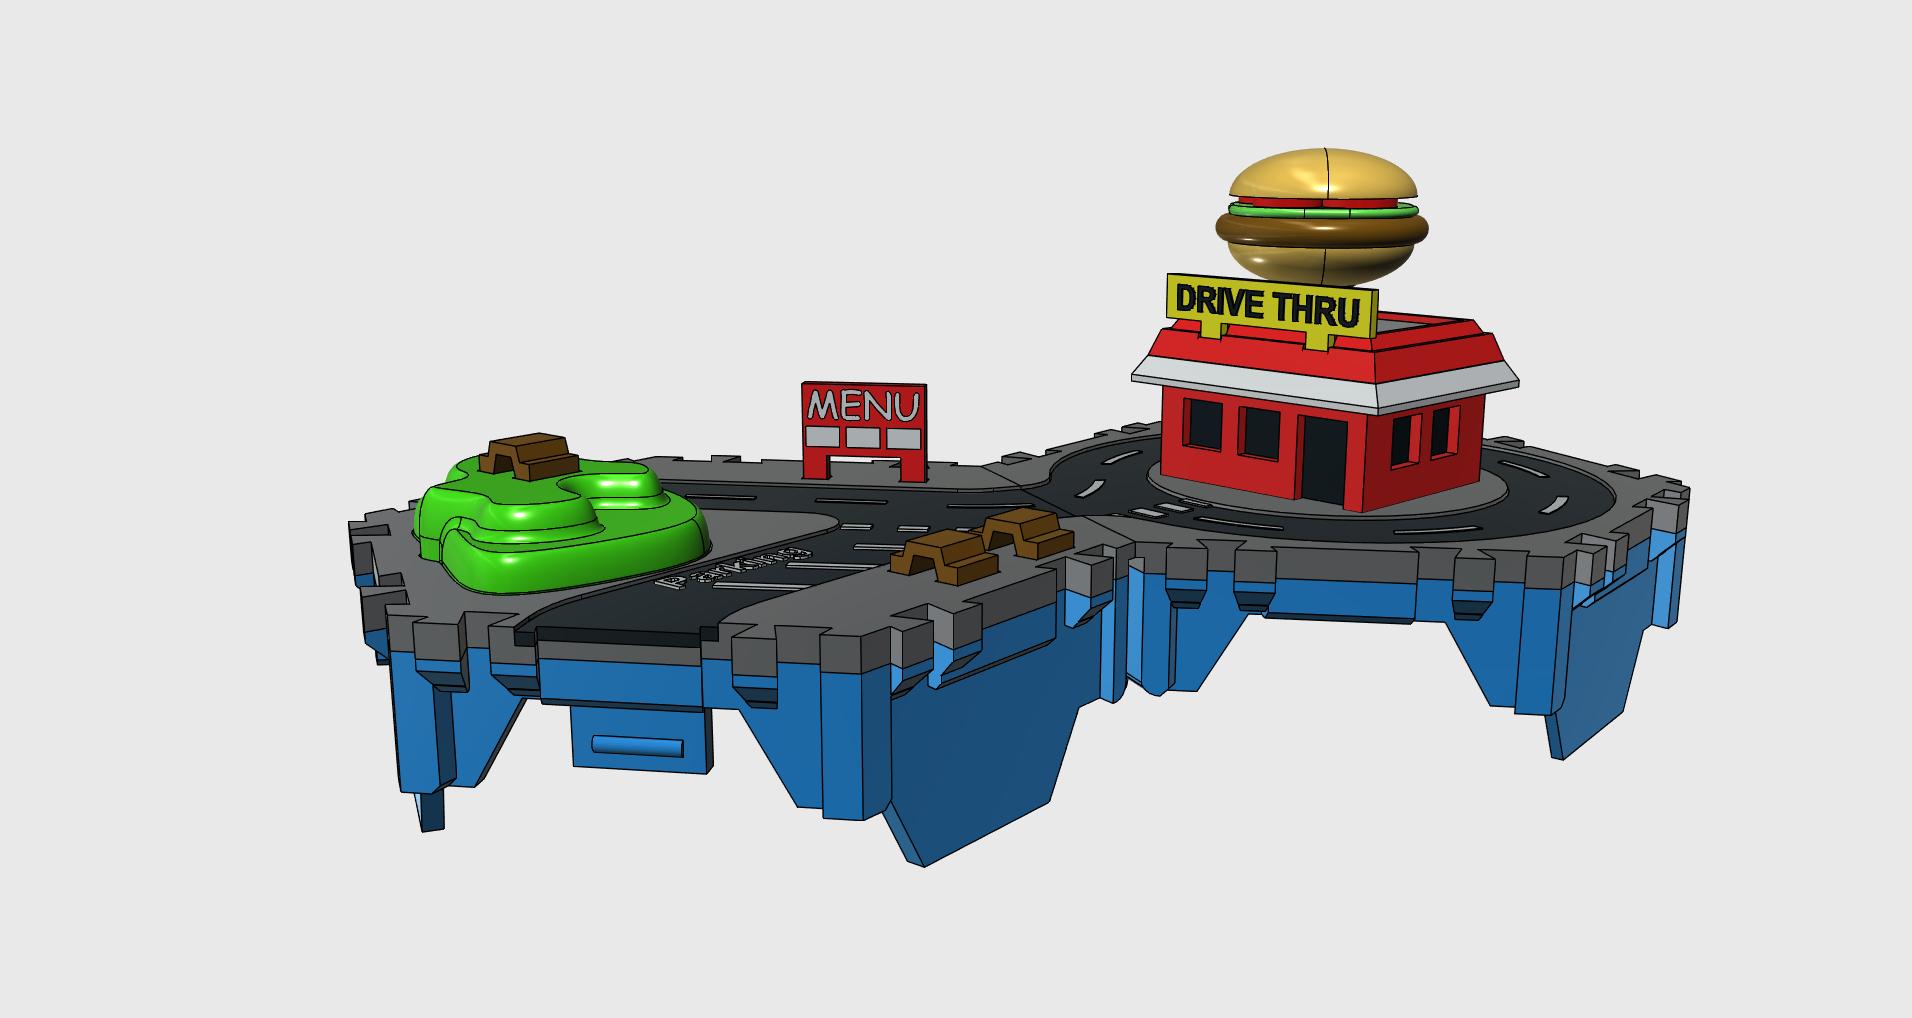 5.png Télécharger fichier STL gratuit Petites villes - Burger Drive Through • Objet pour impression 3D, neil3dprints